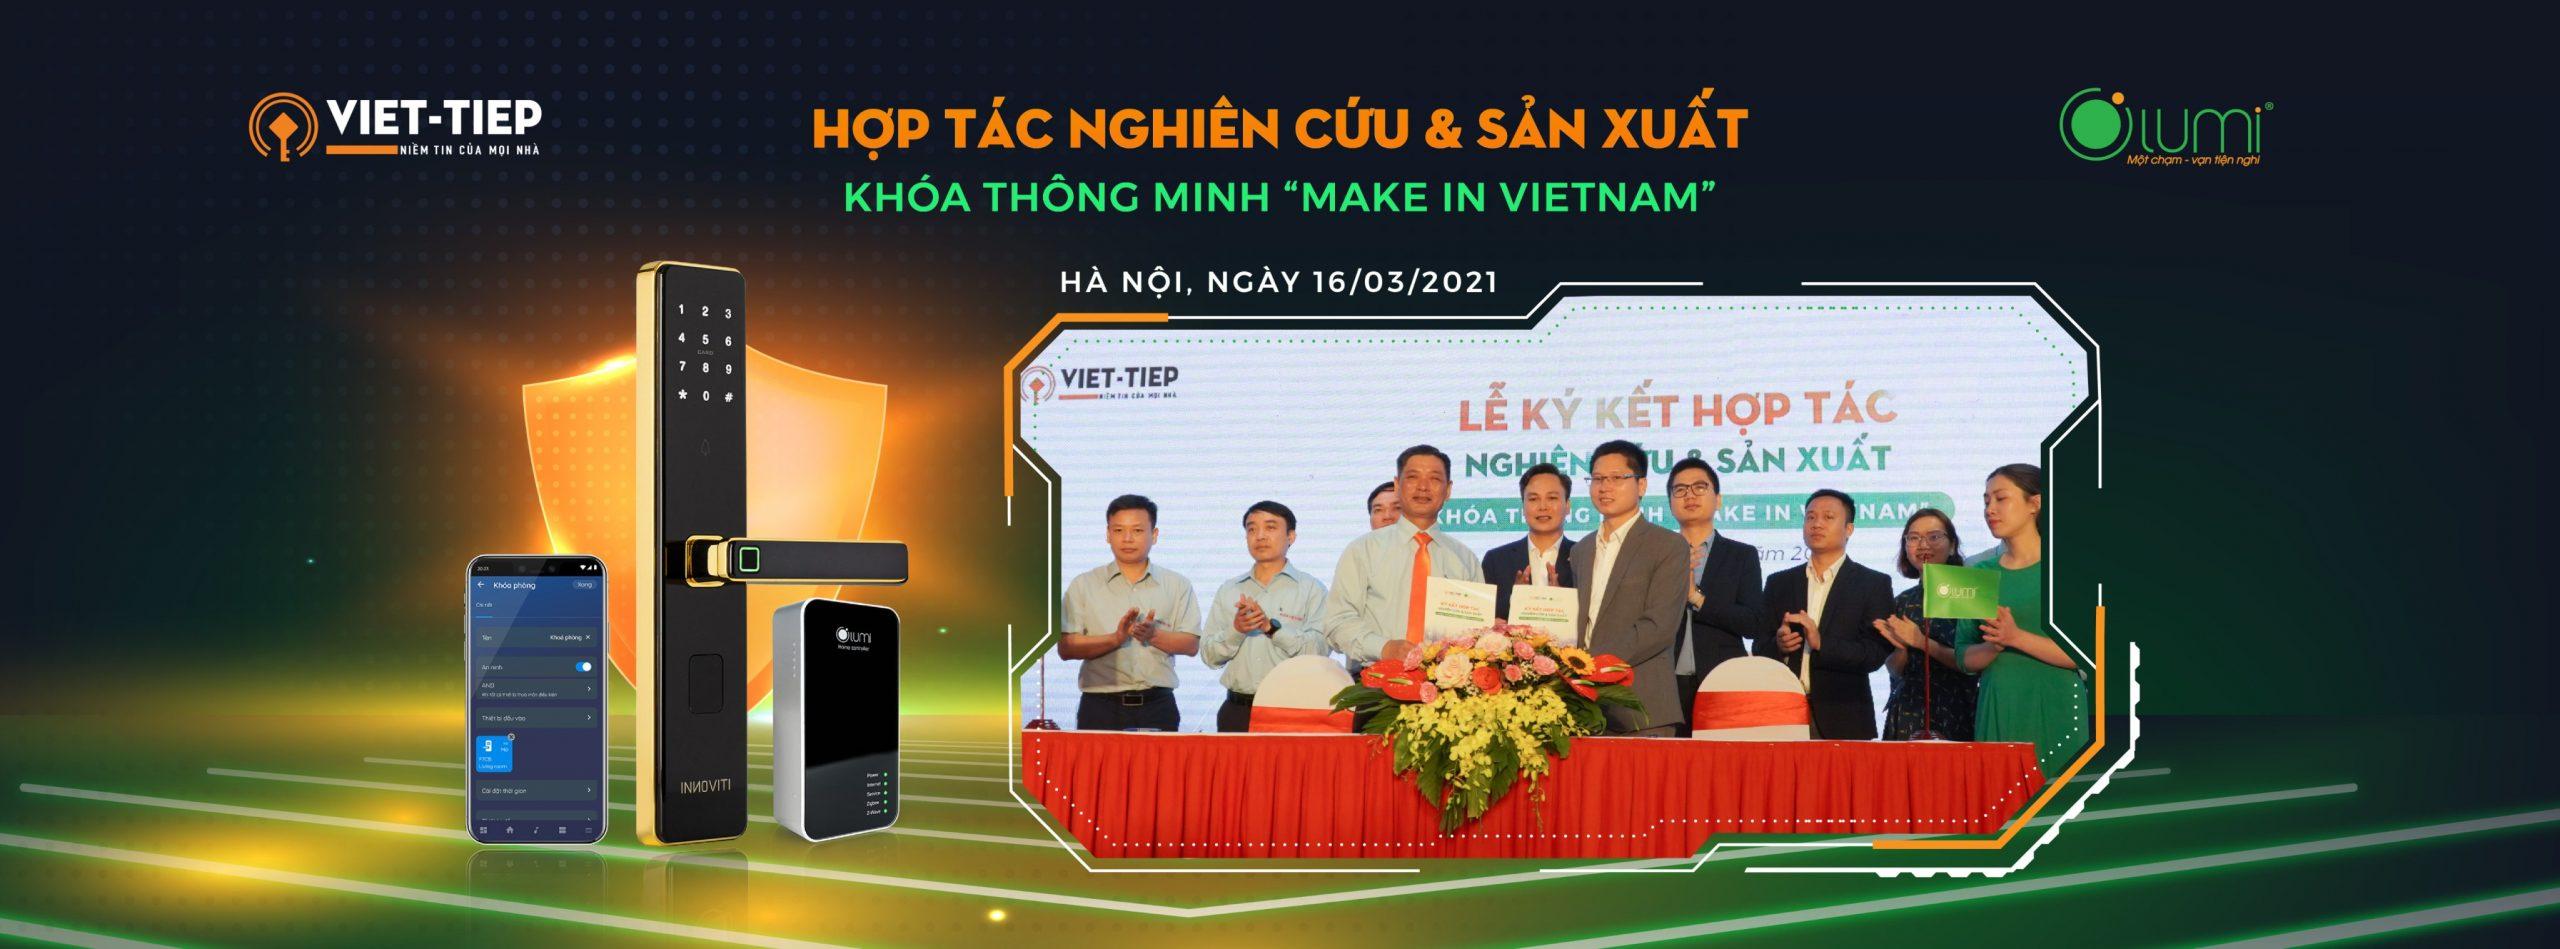 Cover website Lumi hợp tác Việt Tiệp khóa thông minh